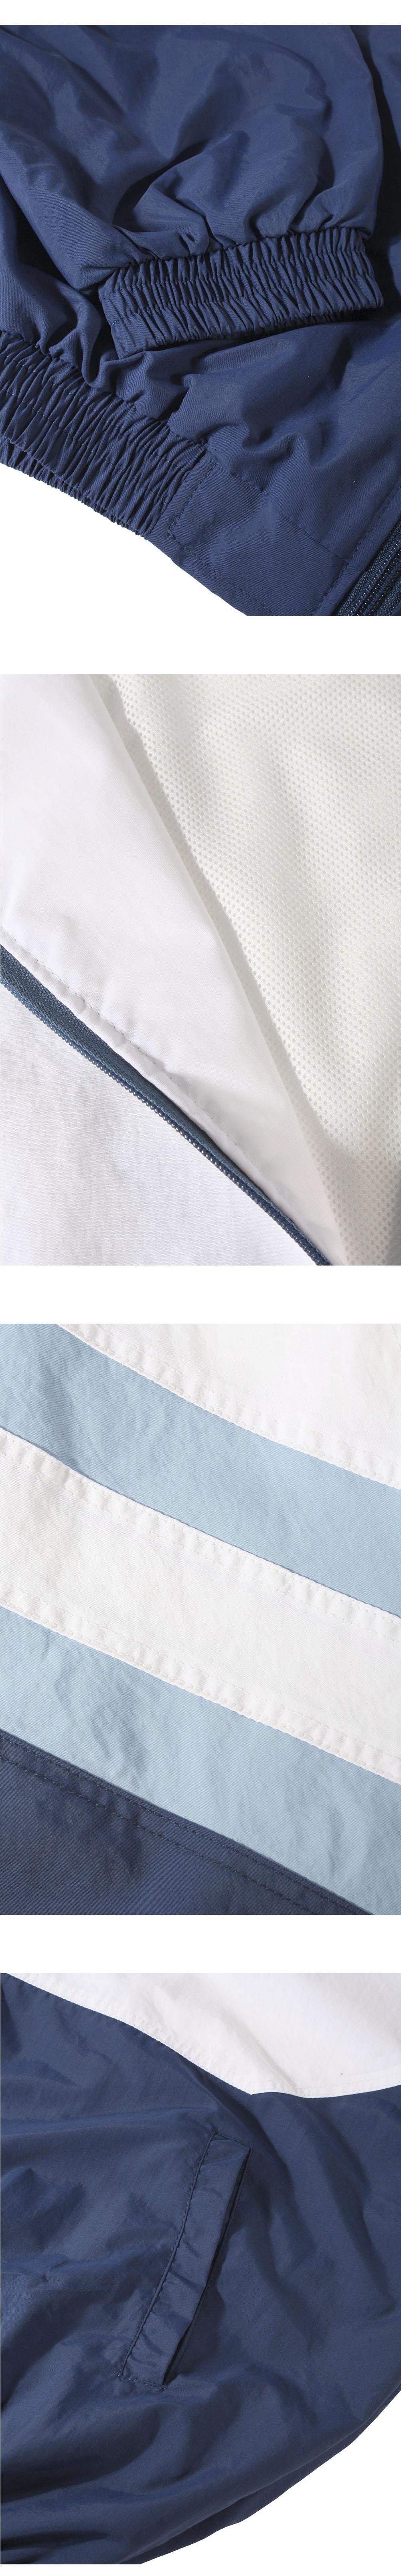 뉴트로 컬러 라인 트랙 자켓 화이트